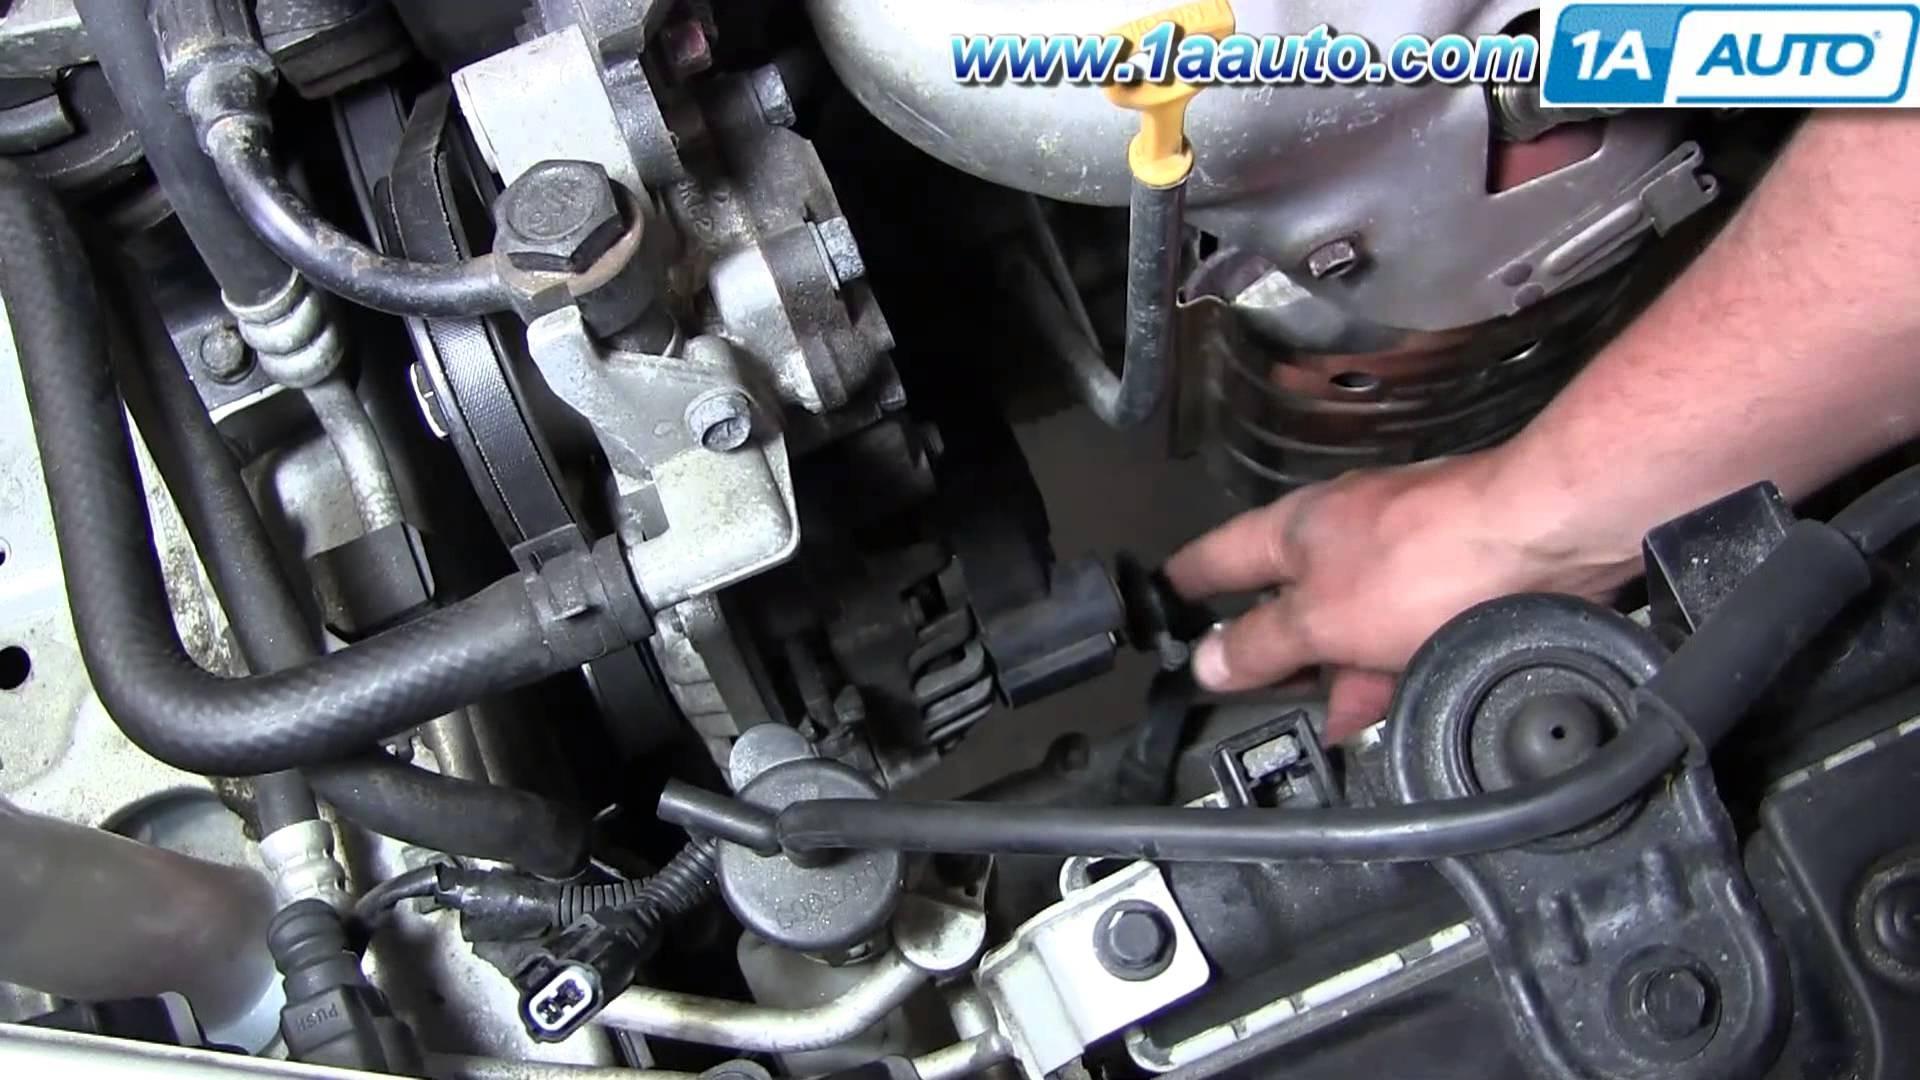 2002 Hyundai Elantra Engine Diagram How To Install Replace Alternator 2001 06 2 0l